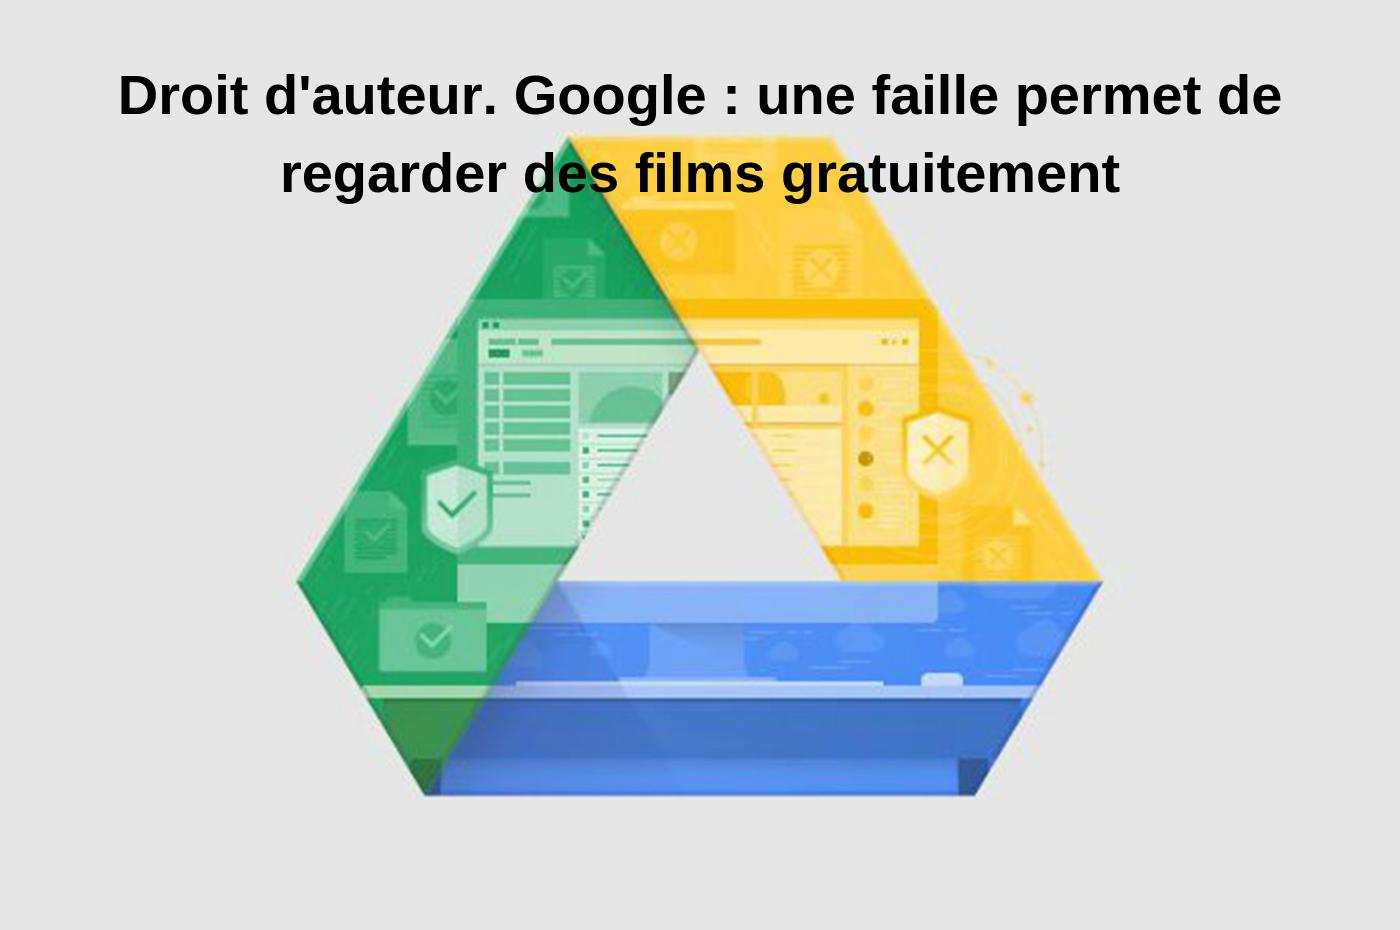 Droit d'auteur. Google : une faille permet de regarder des films gratuitement